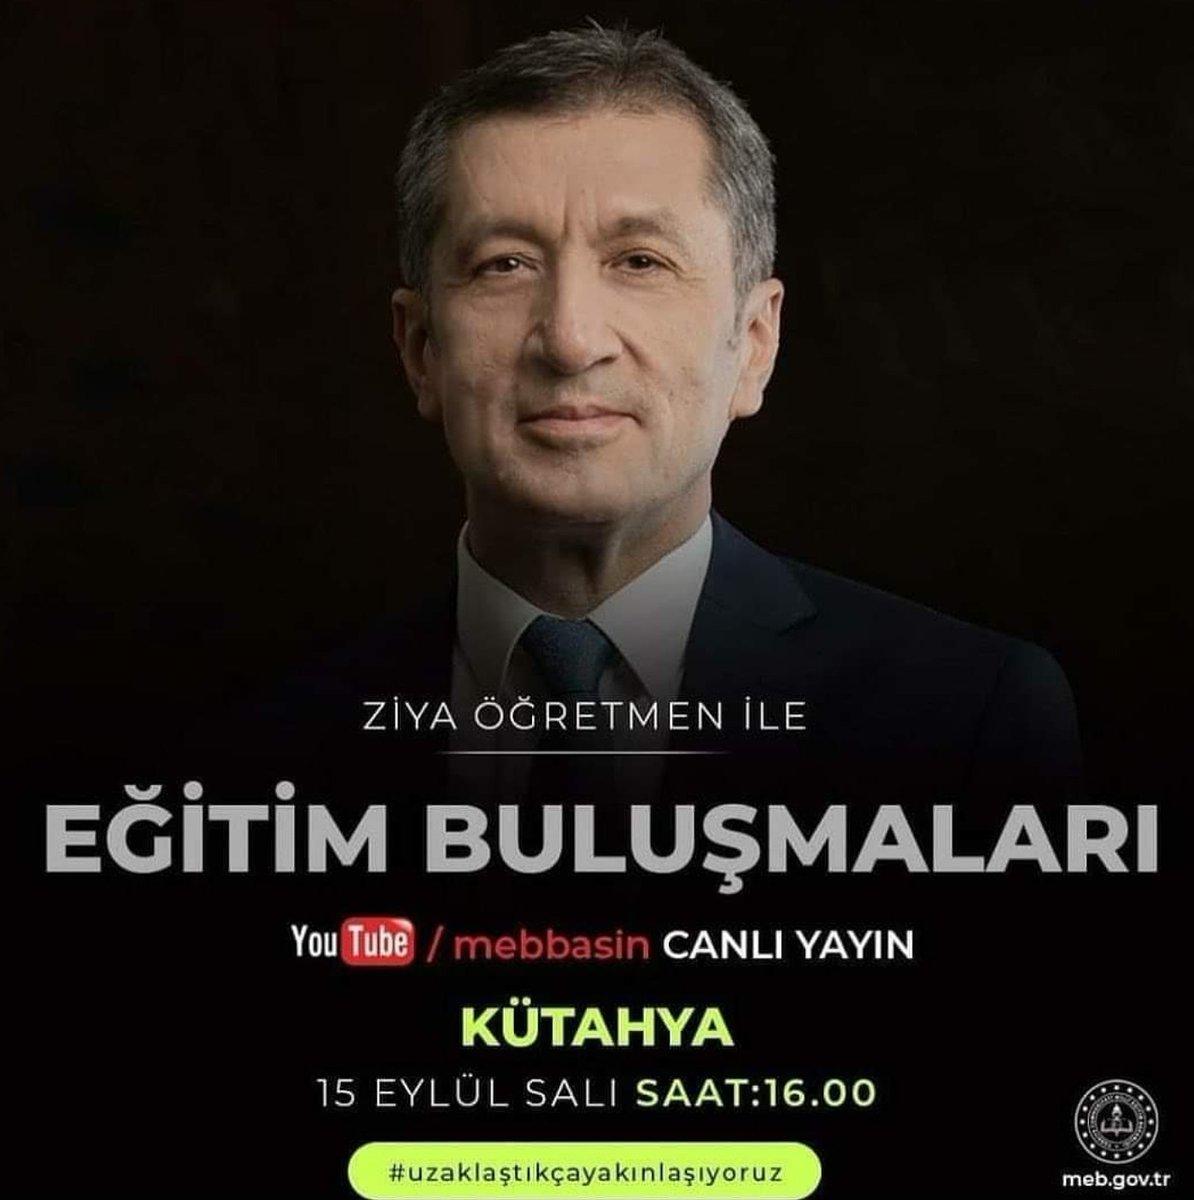 """Milli Eğitim Bakanımız Sayın Ziya Selçuk, 15 Eylül Salı (yarın) saat 16:00'da Youtube/mebbasin kanalından canlı yayınla """"Kuruluşun ve Kurtuluşun Şehri Kütahya""""mıza konuk olacak. #uzaklaştıkçayakınlaşıyoruz  @simavmem43 @kutahyamem @zorlubey1962 @BasyigitHasann @tcmeb @ziyaselcuk https://t.co/z3YzdXBPVW"""